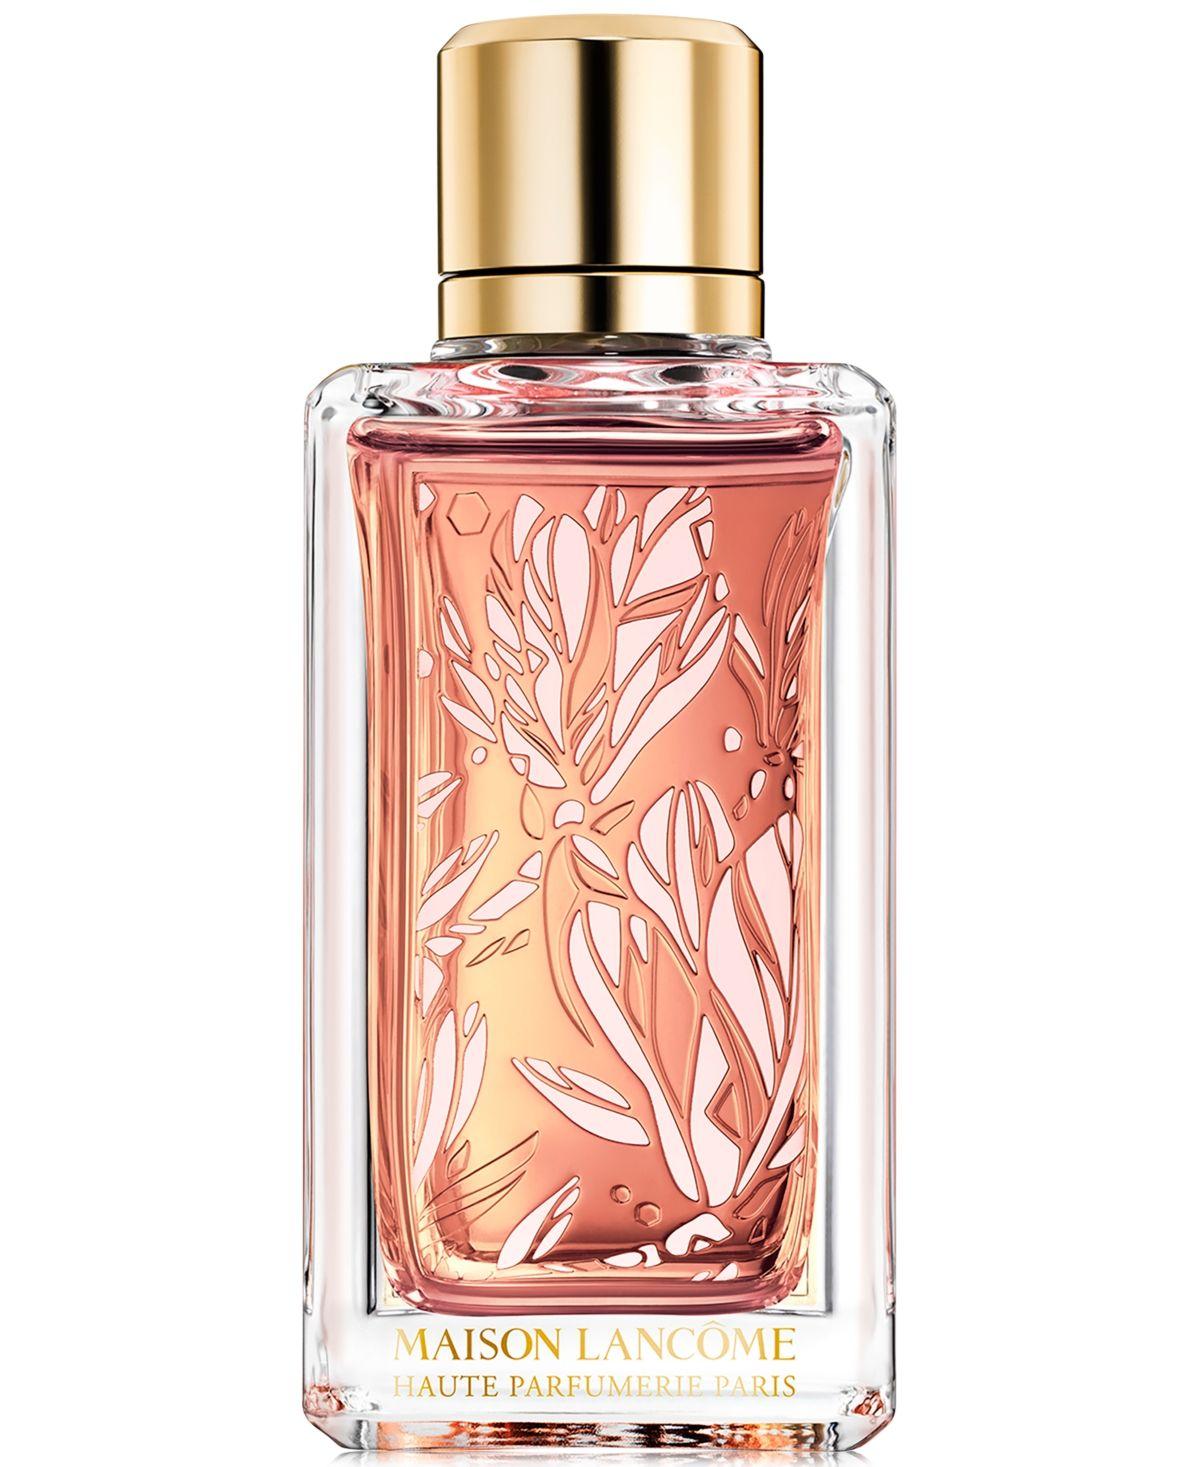 Lancôme Maison Lancôme Magnolia Rosae Eau de Parfum, 3.4